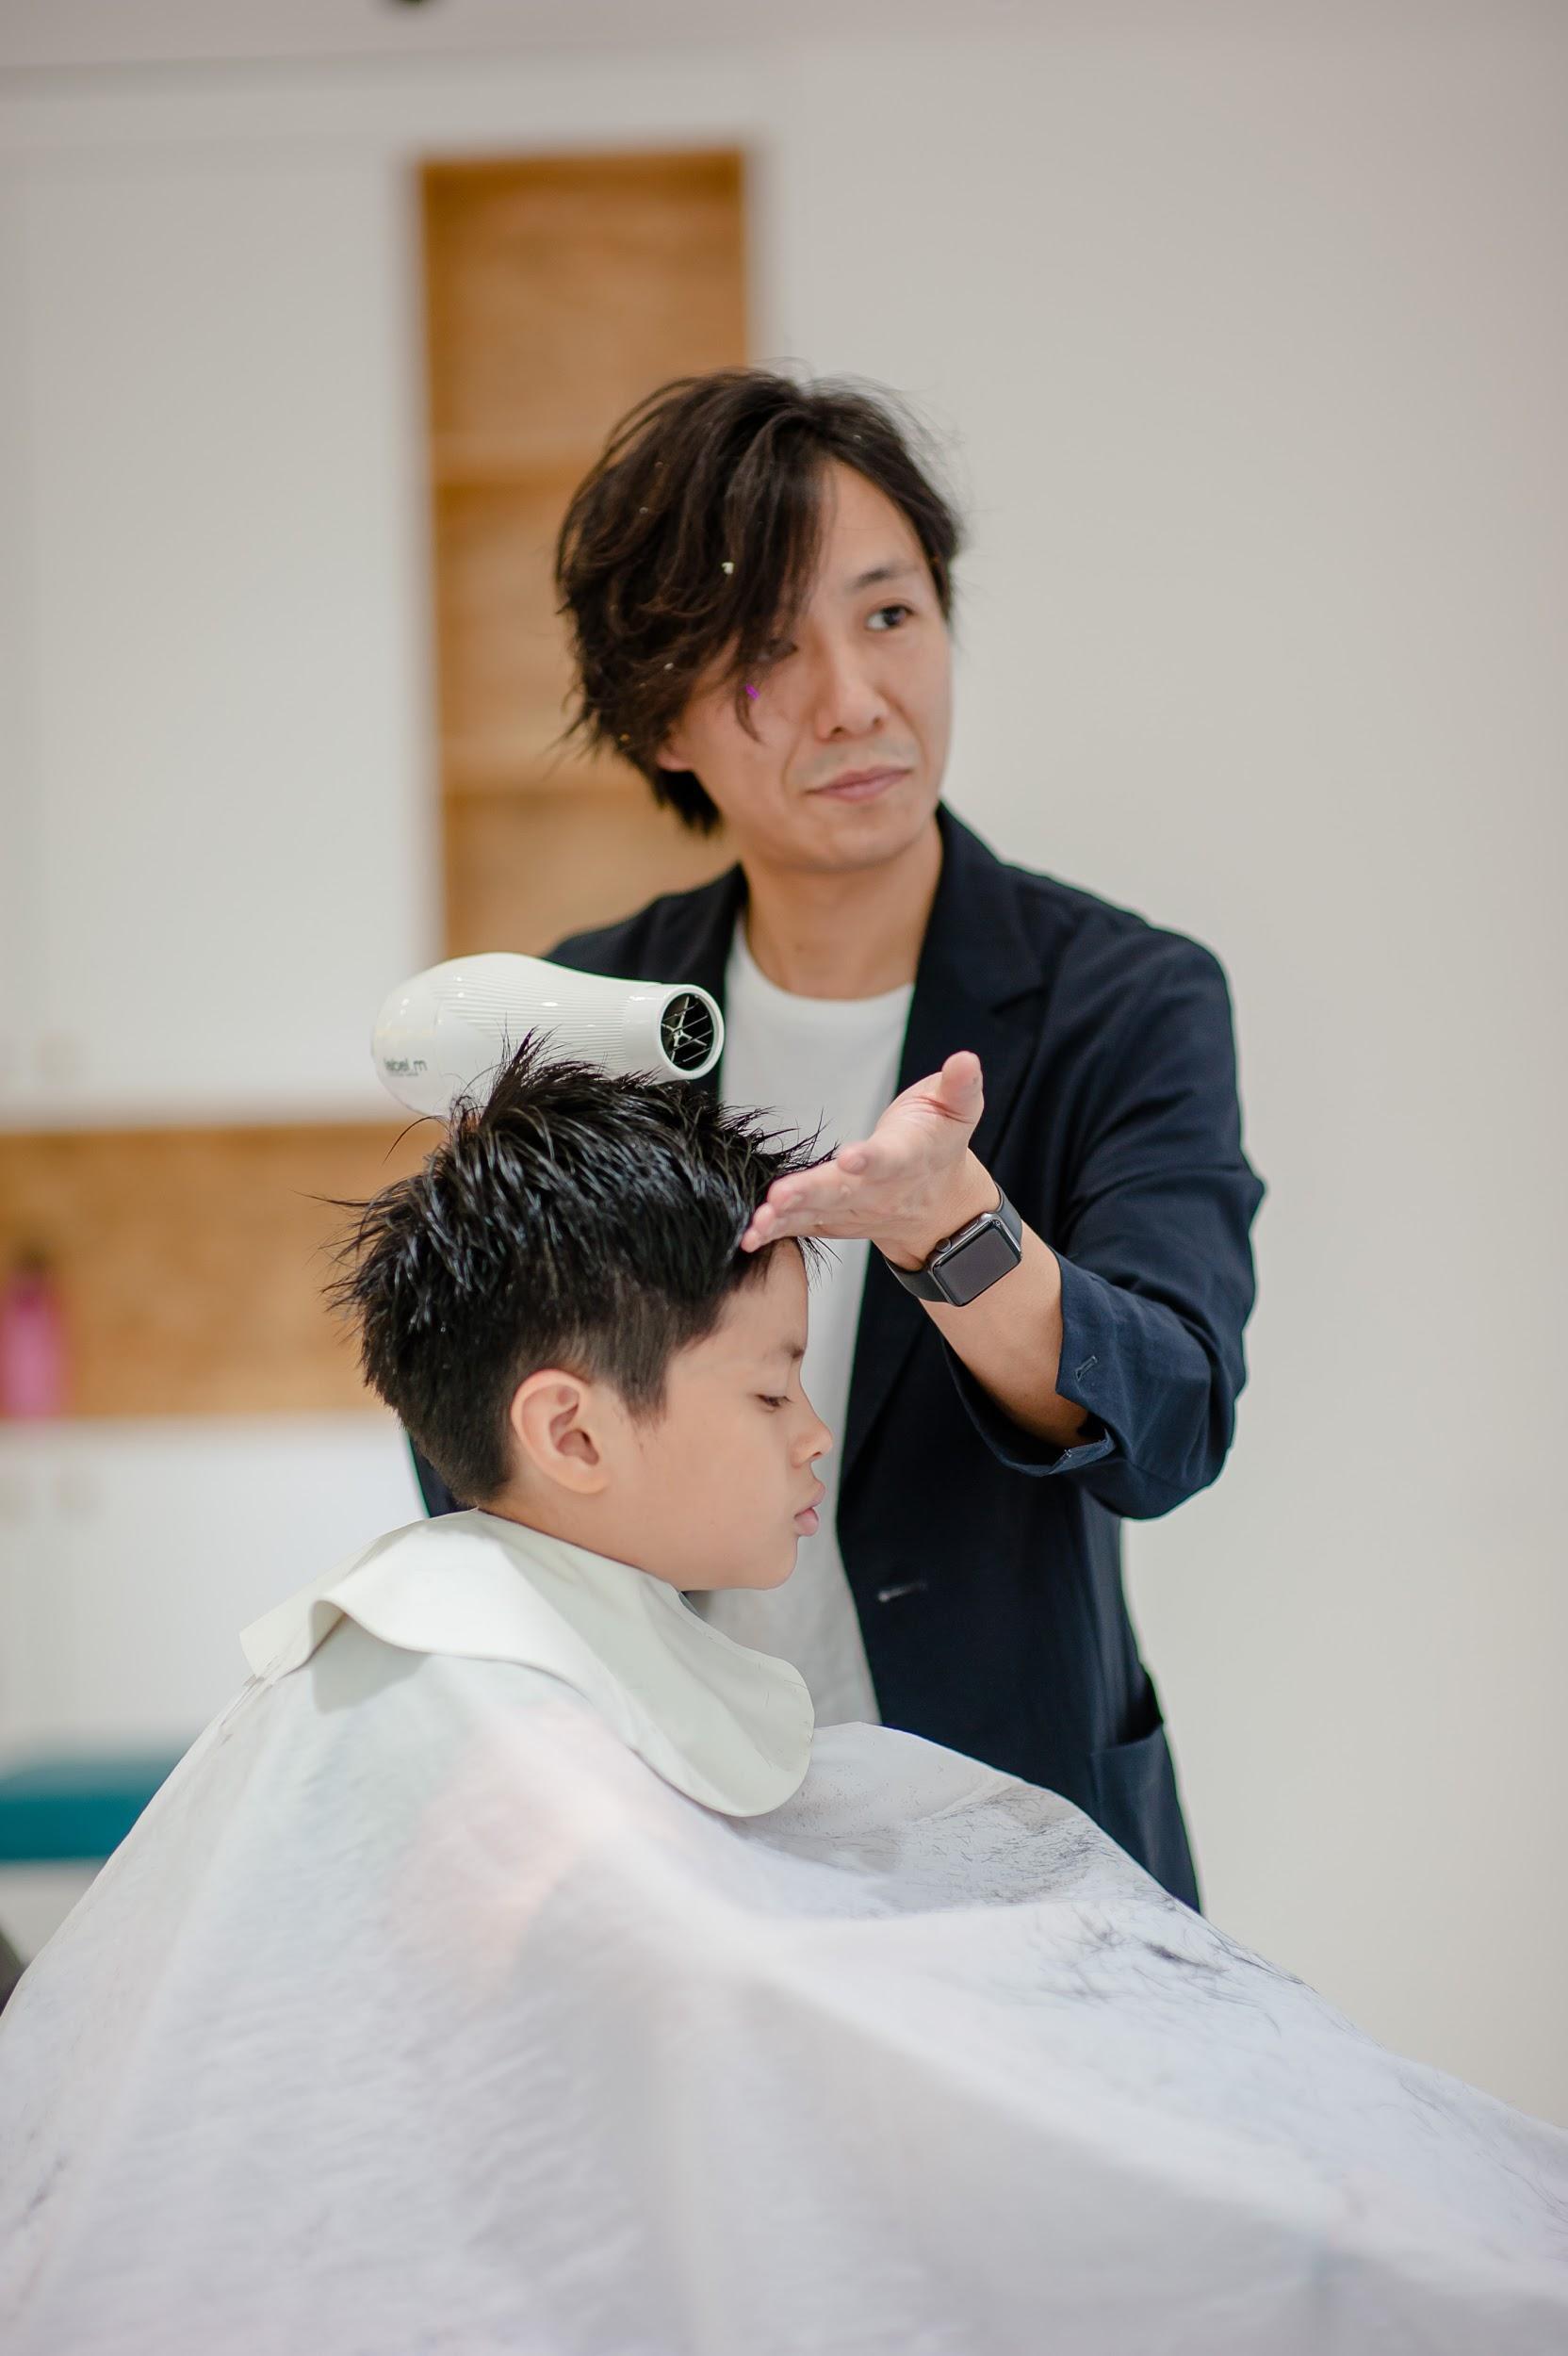 Zusso Hair Salon hút giới trẻ sành điệu Hà thành - Ảnh 3.